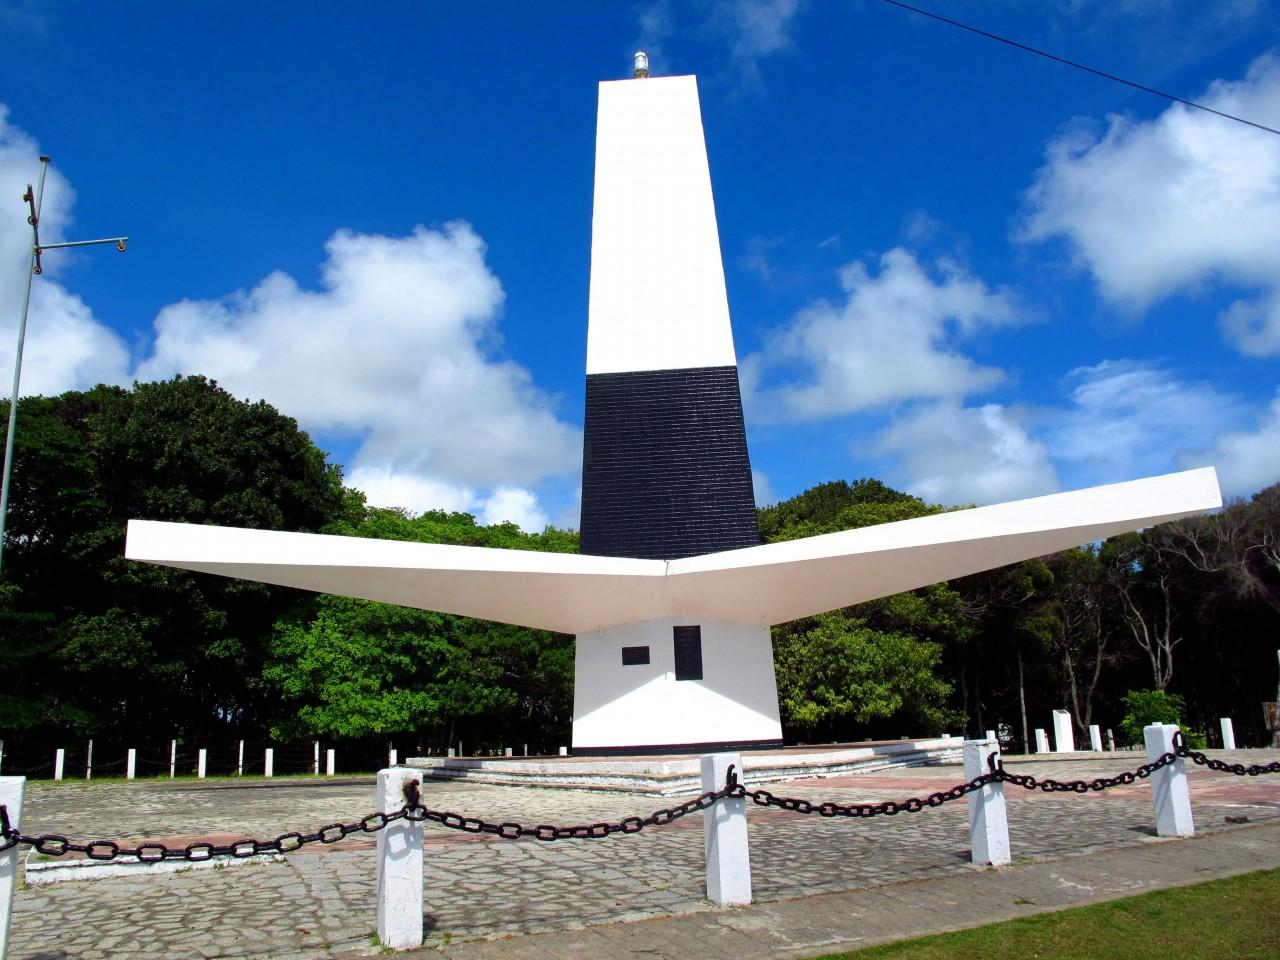 Farol de Cabo Branco - PONTOS DA PAIXÃO: motéis, restaurantes ou locais turísticos; conheça os melhores lugares de JP para um encontro romântico